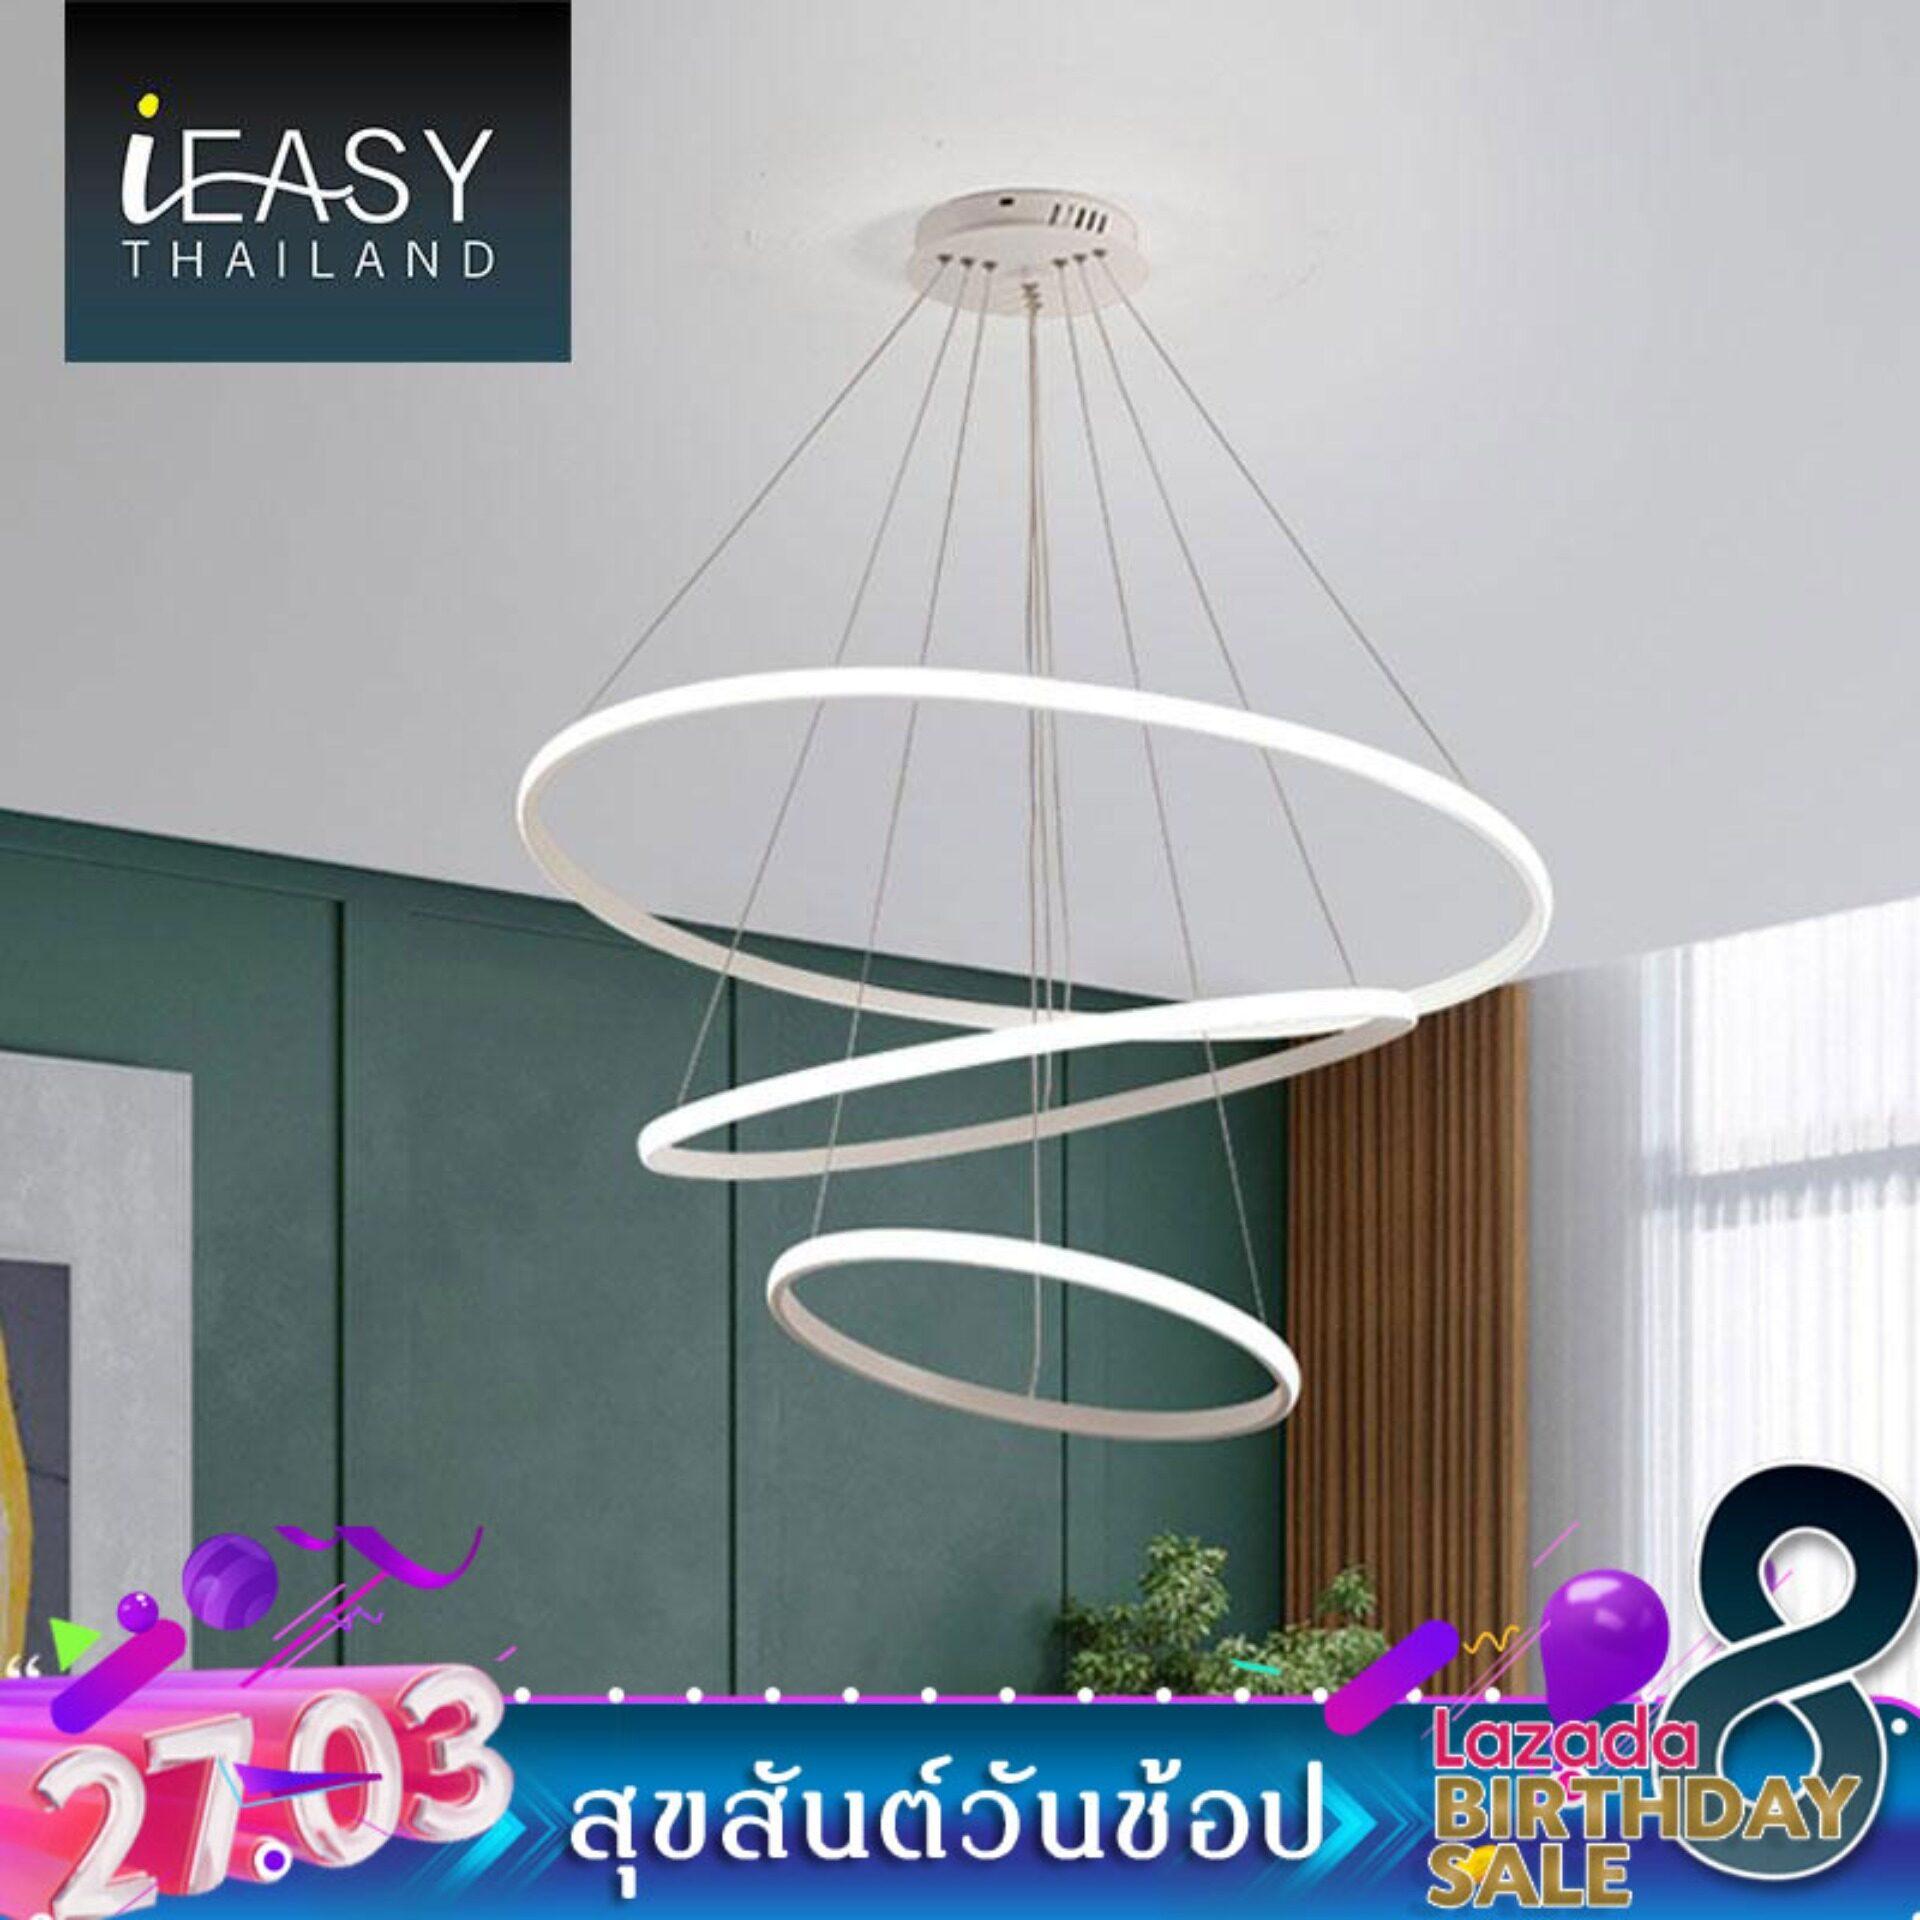 Ieasy โคมไฟ โคมไฟติดเพดาน ความอุ่นได้ ด้วยวัสดุคุณภาพสูง โมเดิร์นไฟ Led ติดเพดานหรี่แสงได้ลง ติดตั้งง่าย สินค้าพร้อมส่ง Ceiling Lights Jd158.